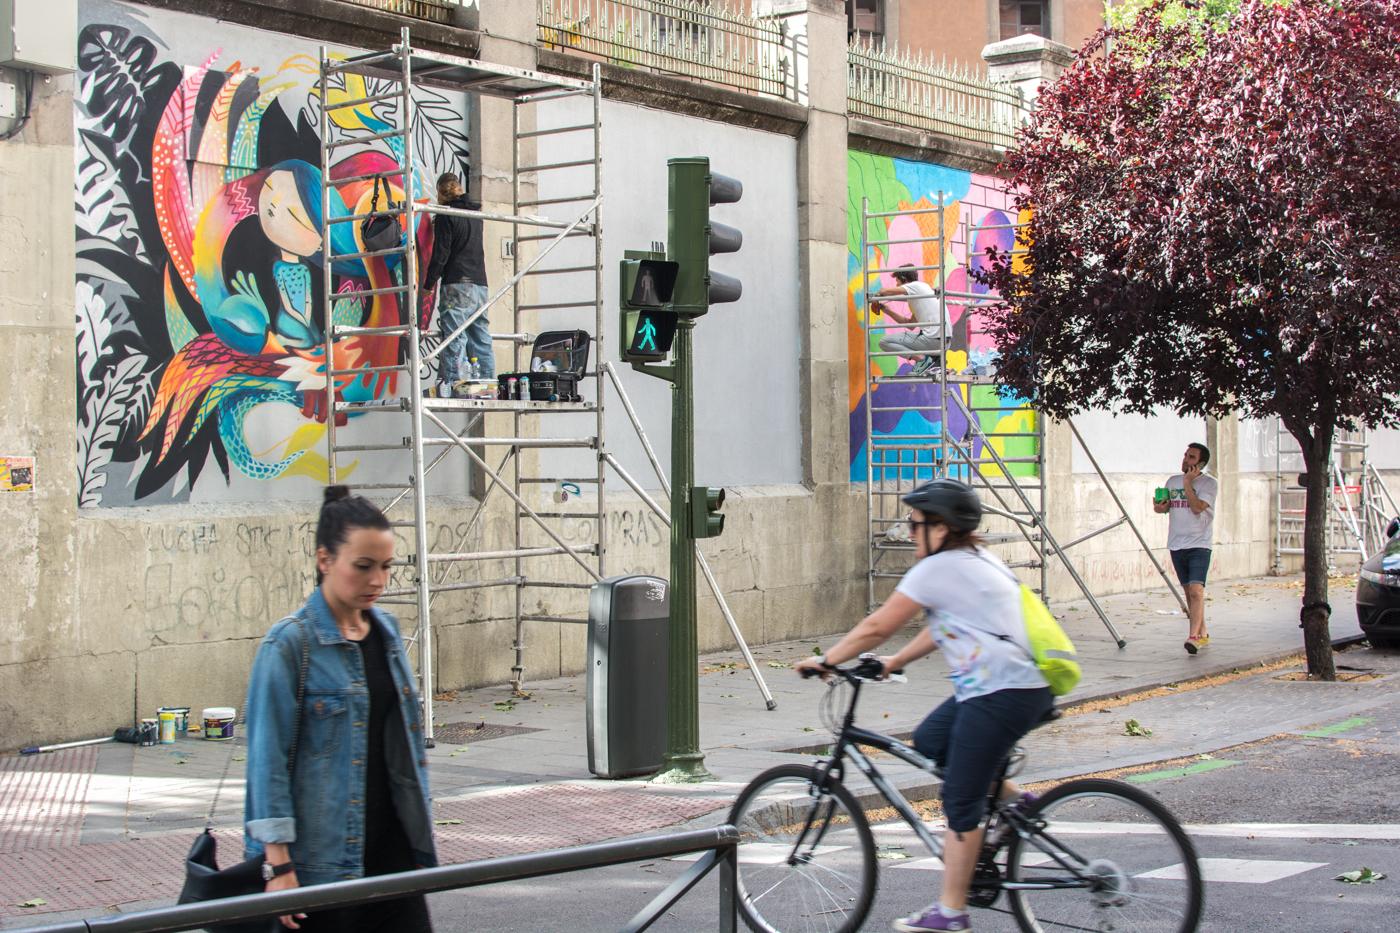 Julieta XLF - Grip Face - MurosTabacalera by Guillermo de la Madrid - Madrid Street Art Project -33.jpg